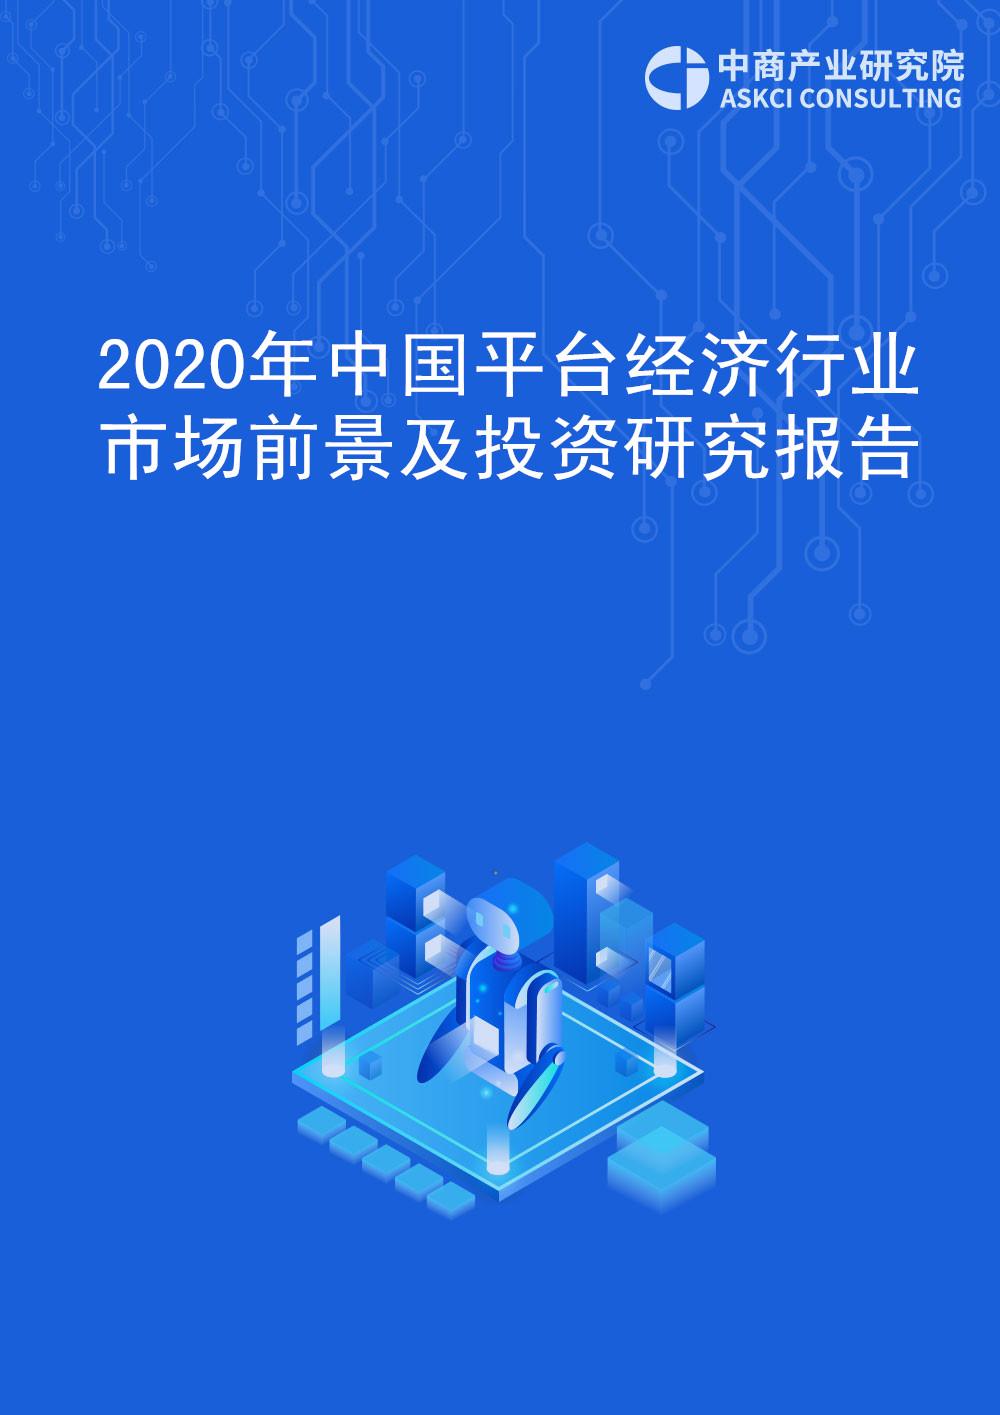 2020年中国平台经济行业市场前景及投资研究报告